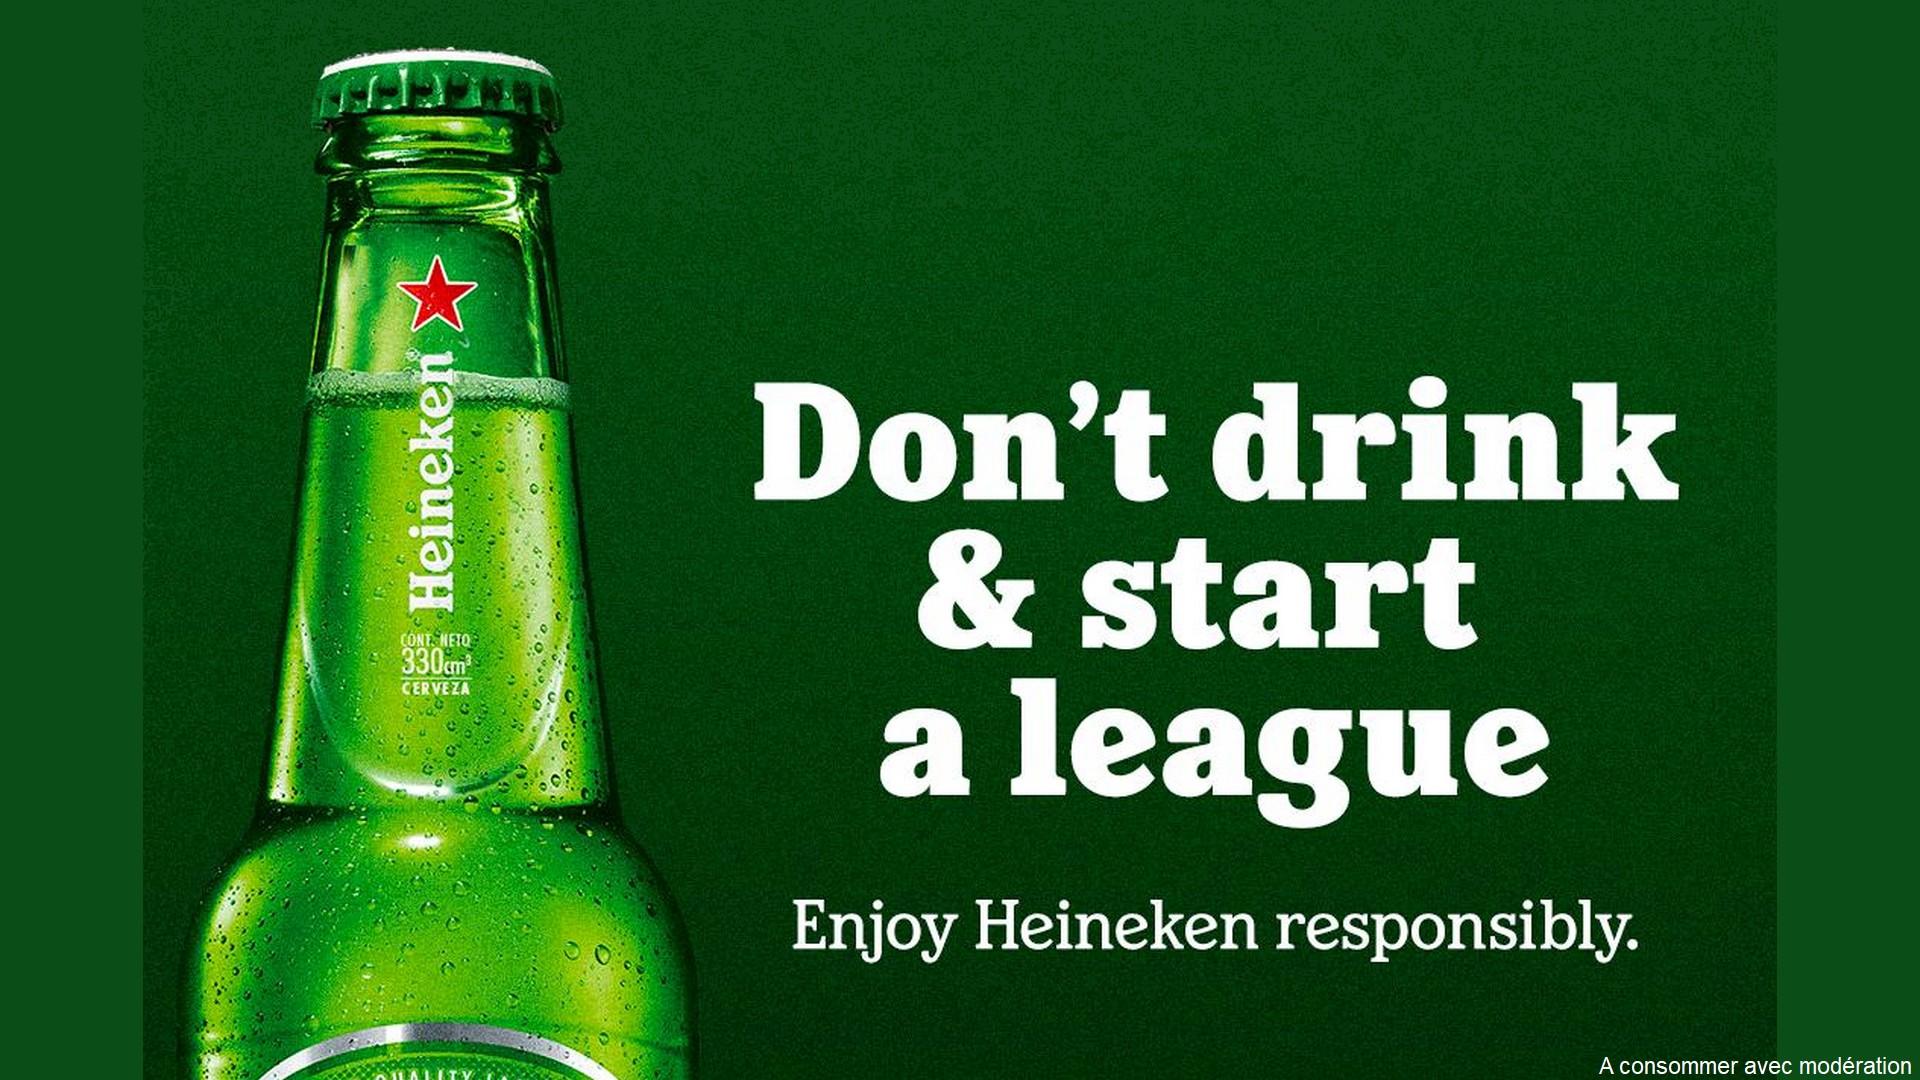 Heineken Dont Drink and star a league